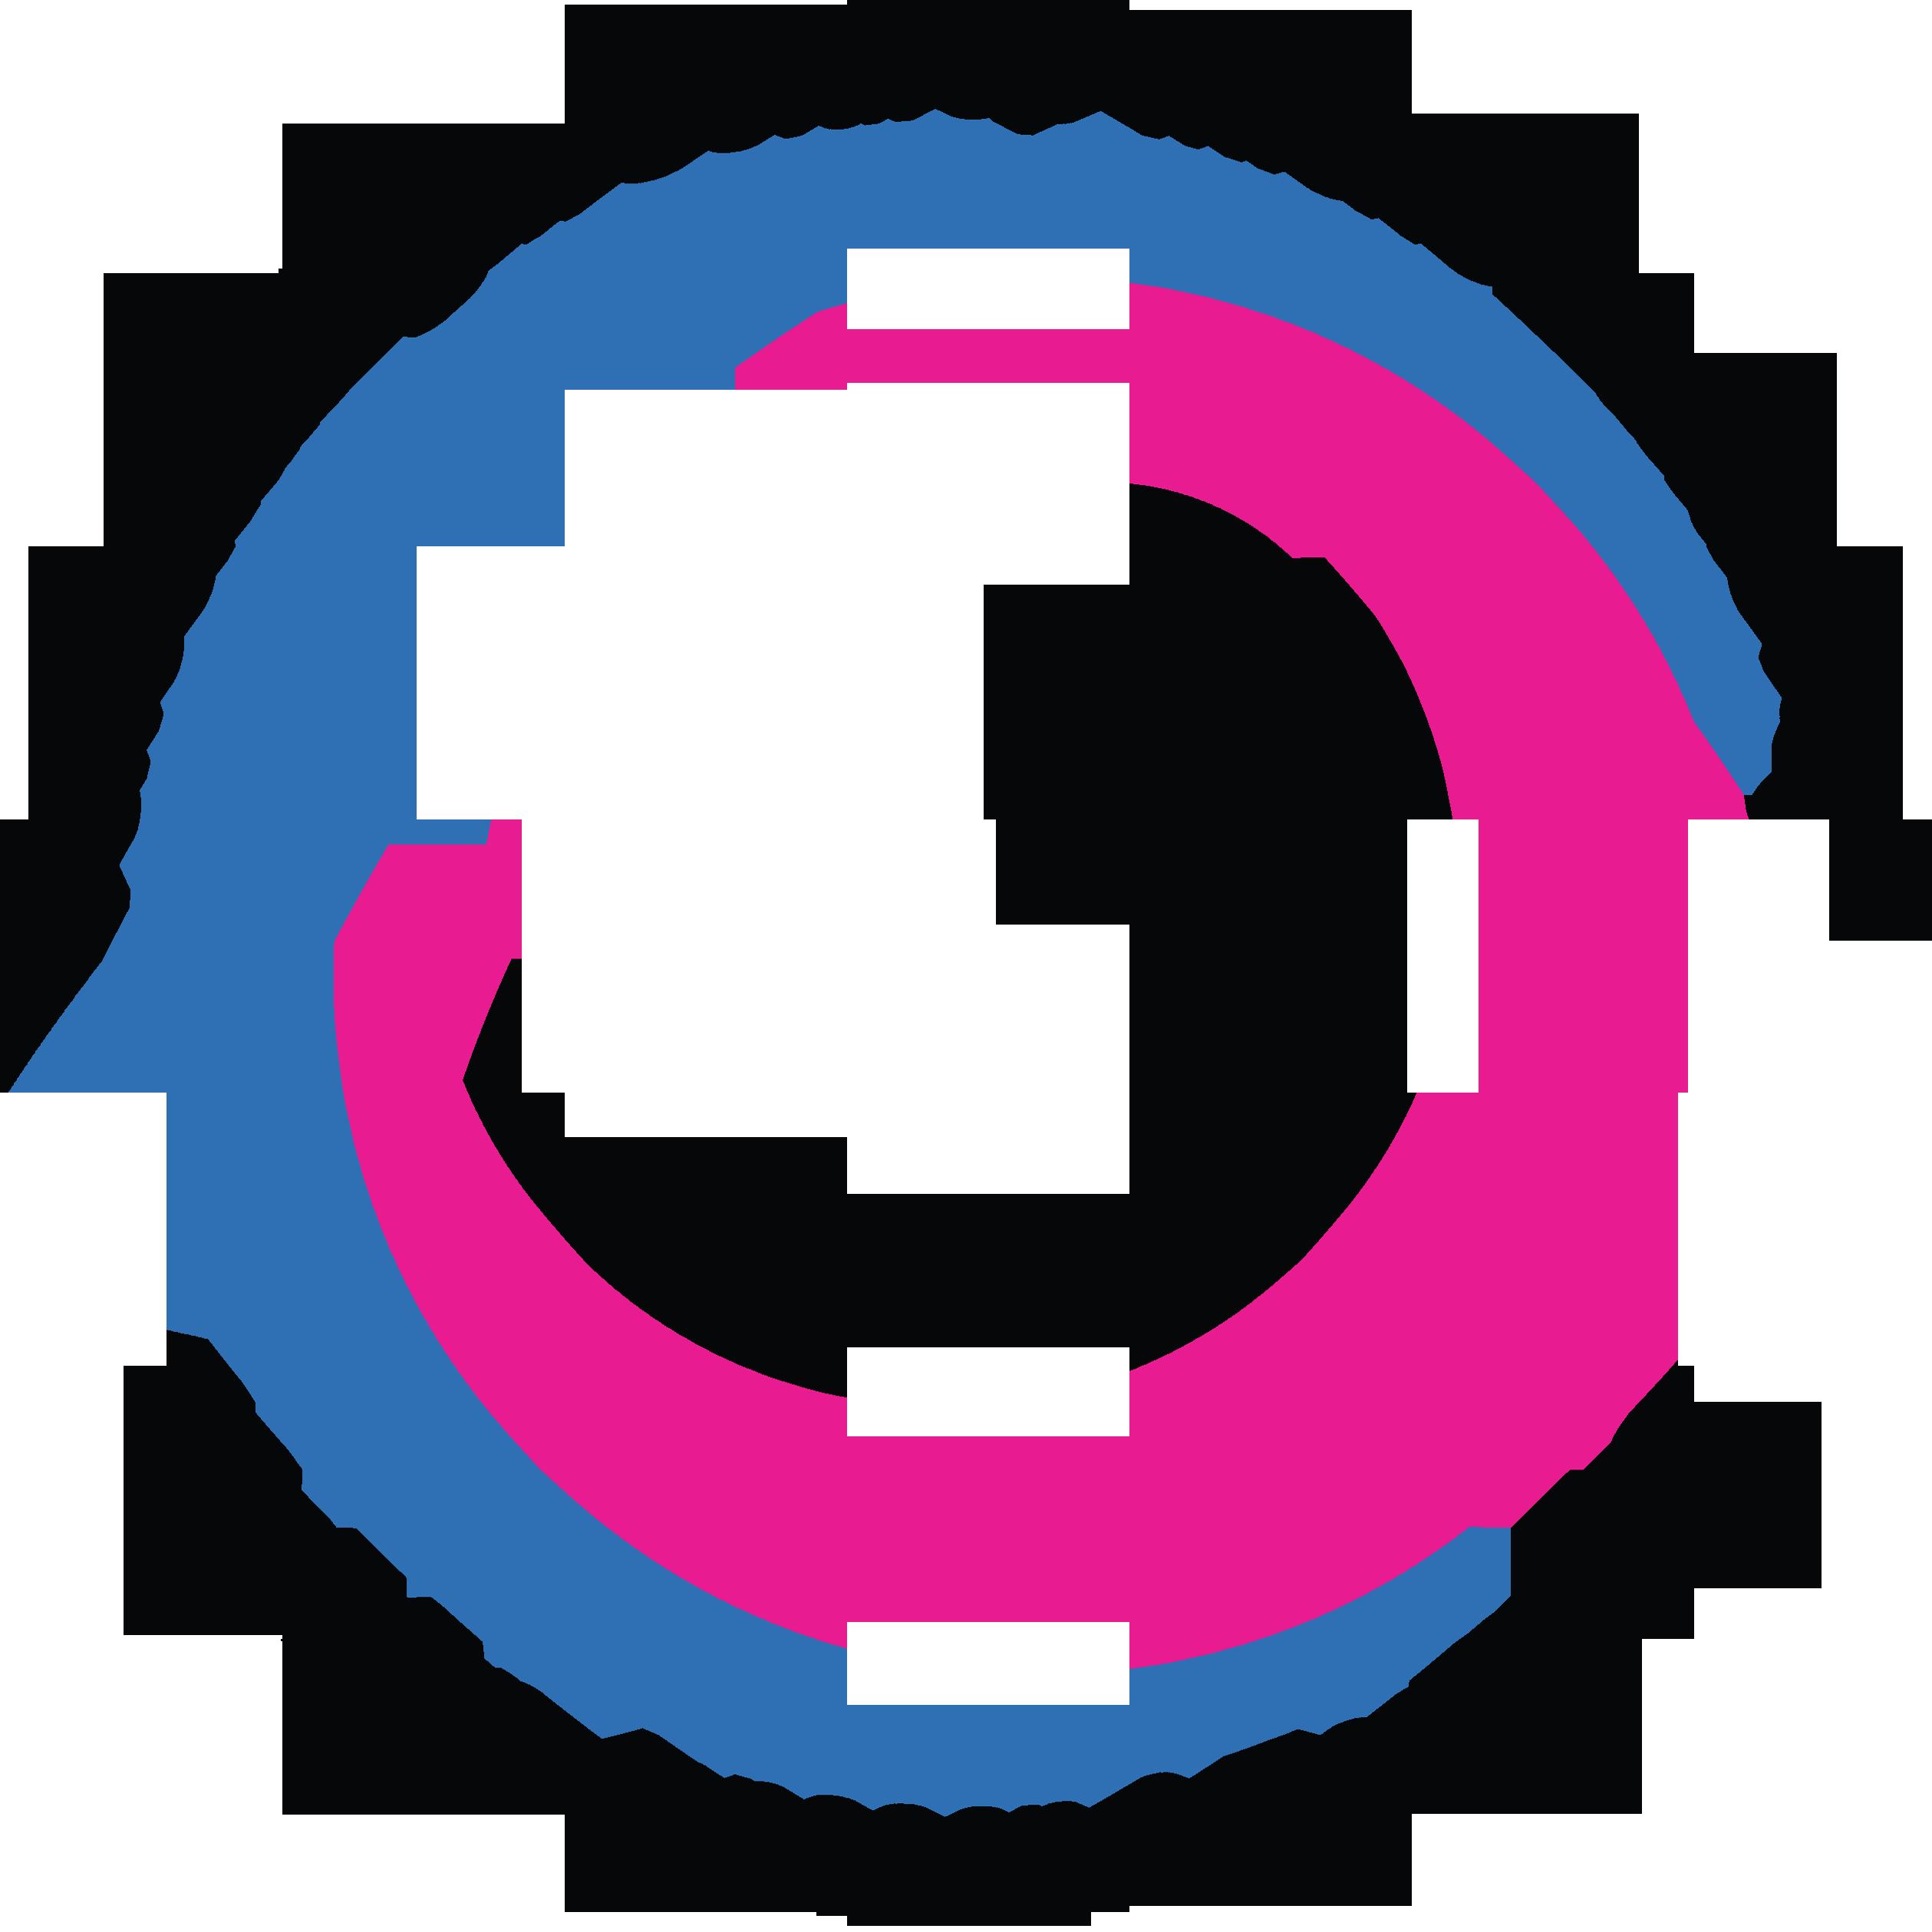 Verloskundigen Geldrop Mierlo Brandevoort logo